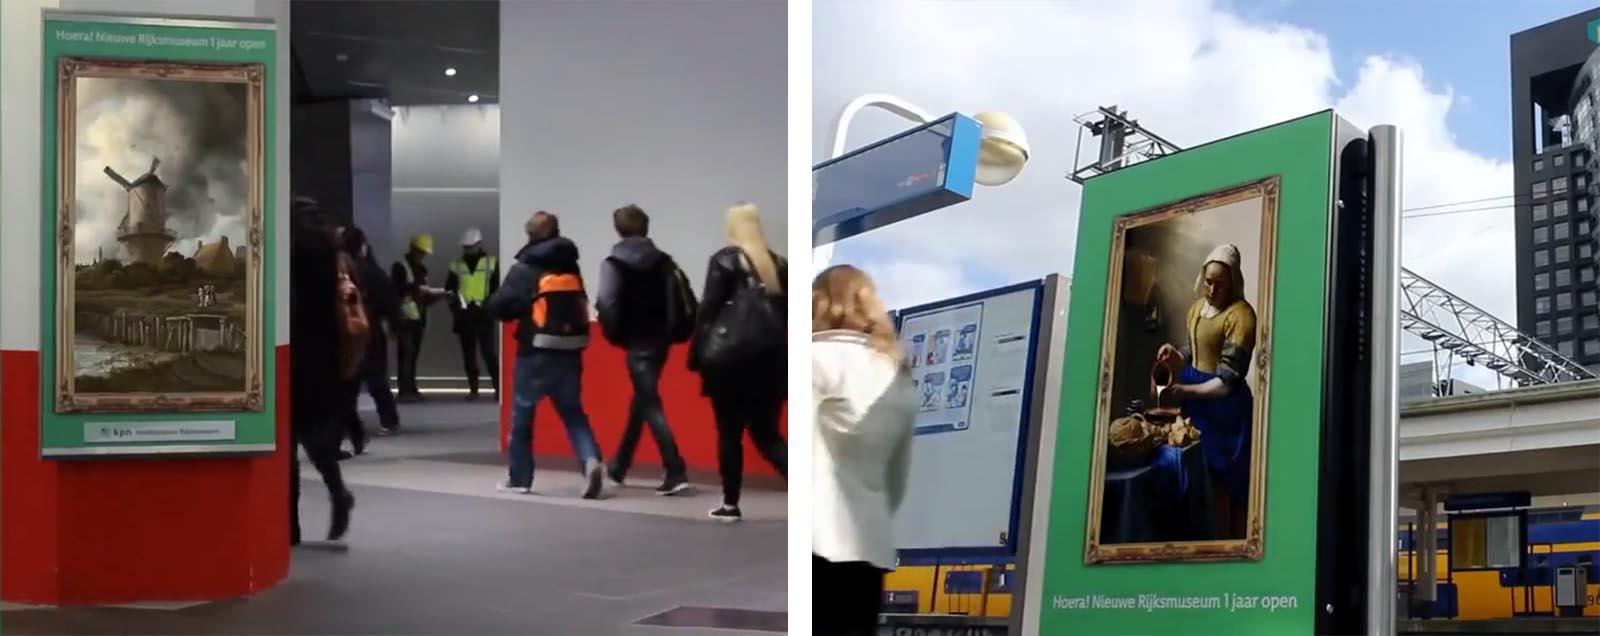 Animierte Gemälde auf den Bahnsteigen in Amsterdam